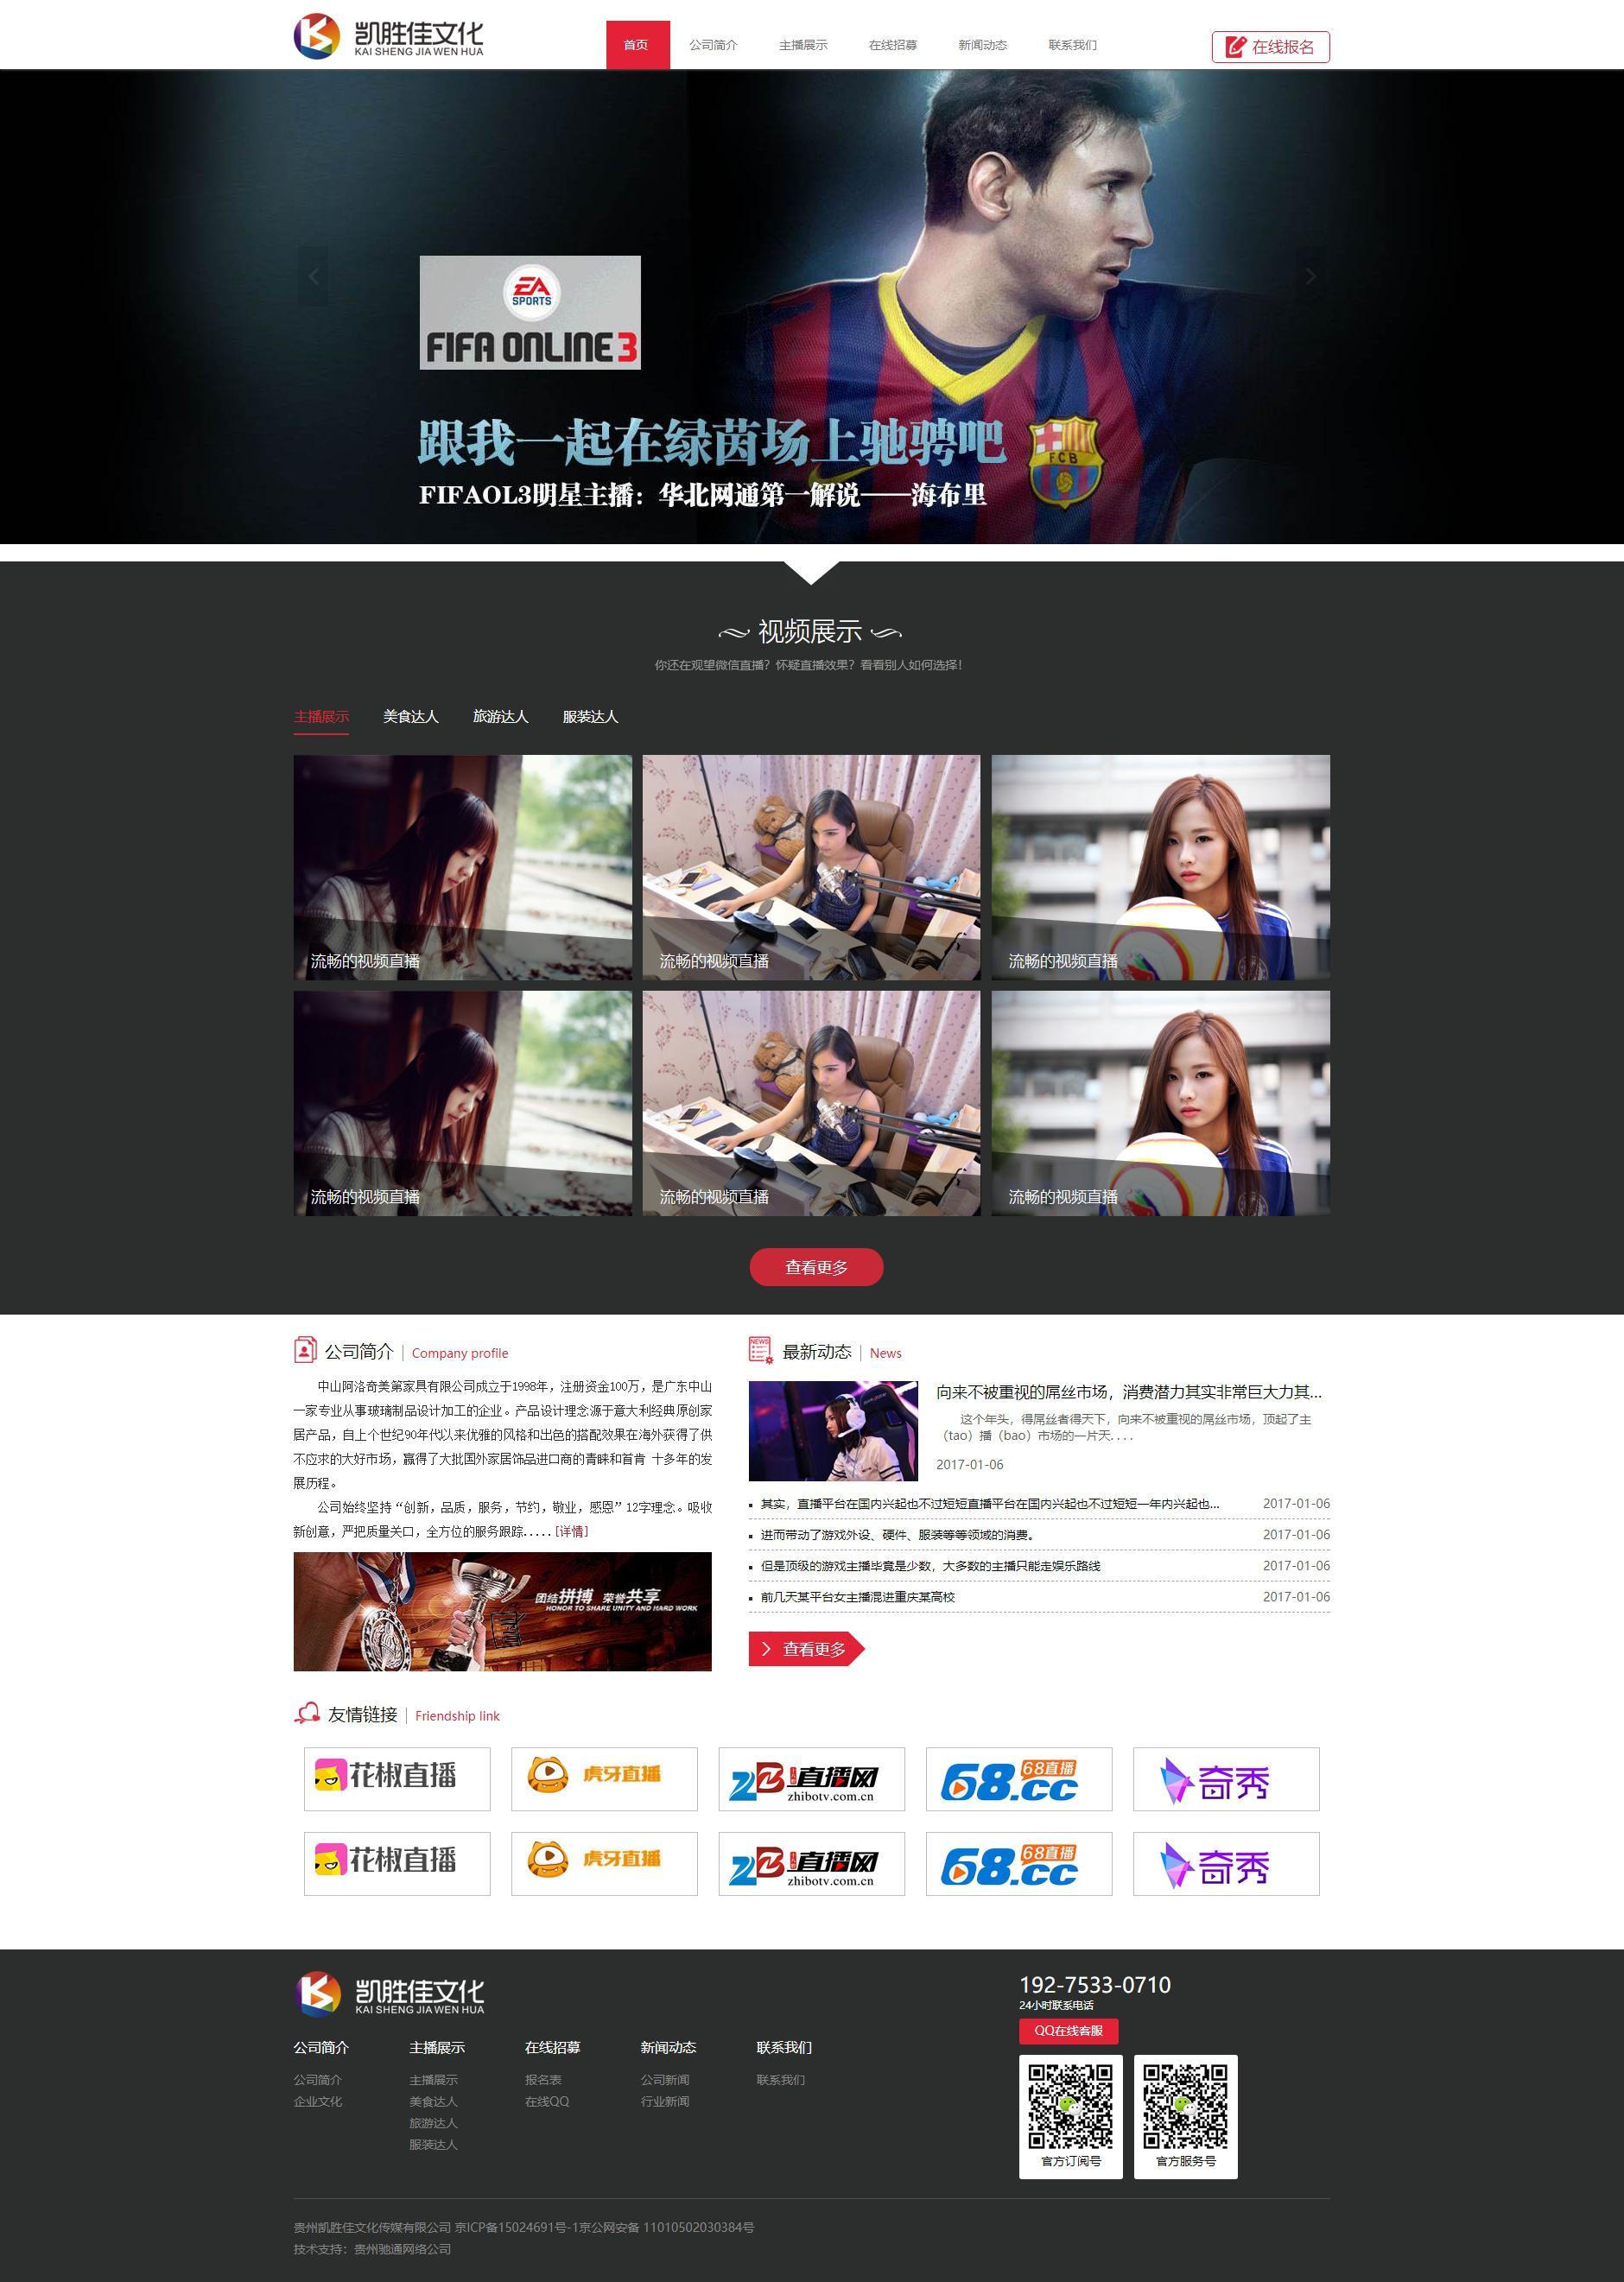 实用的主播培训文化传媒公司网站html模板